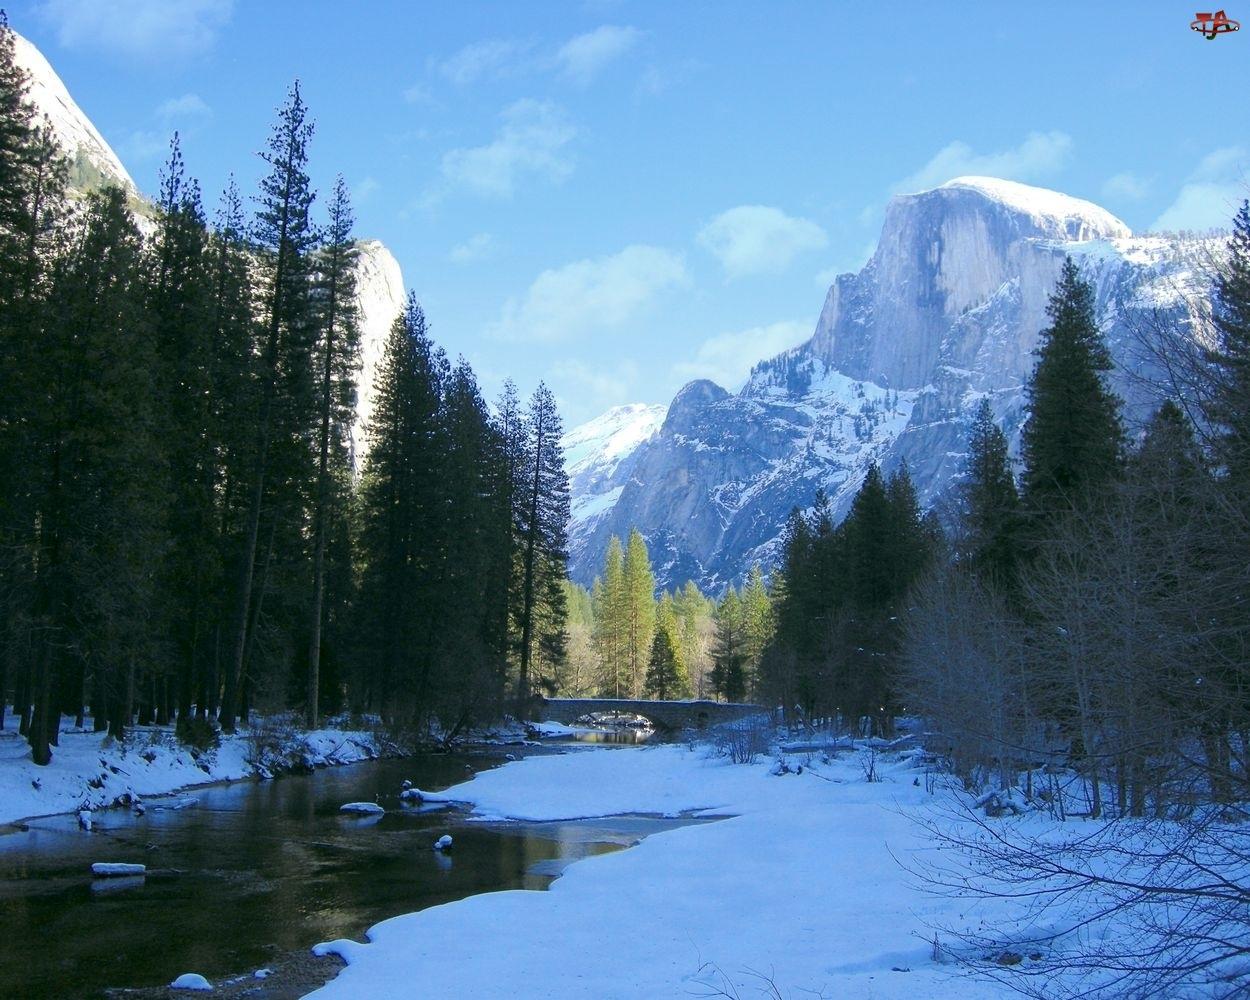 Rzeka, Zalesione, Stan Kalifornia, Góry, Stany Zjednoczone, Zima, Park Narodowy Yosemite, Brzegi